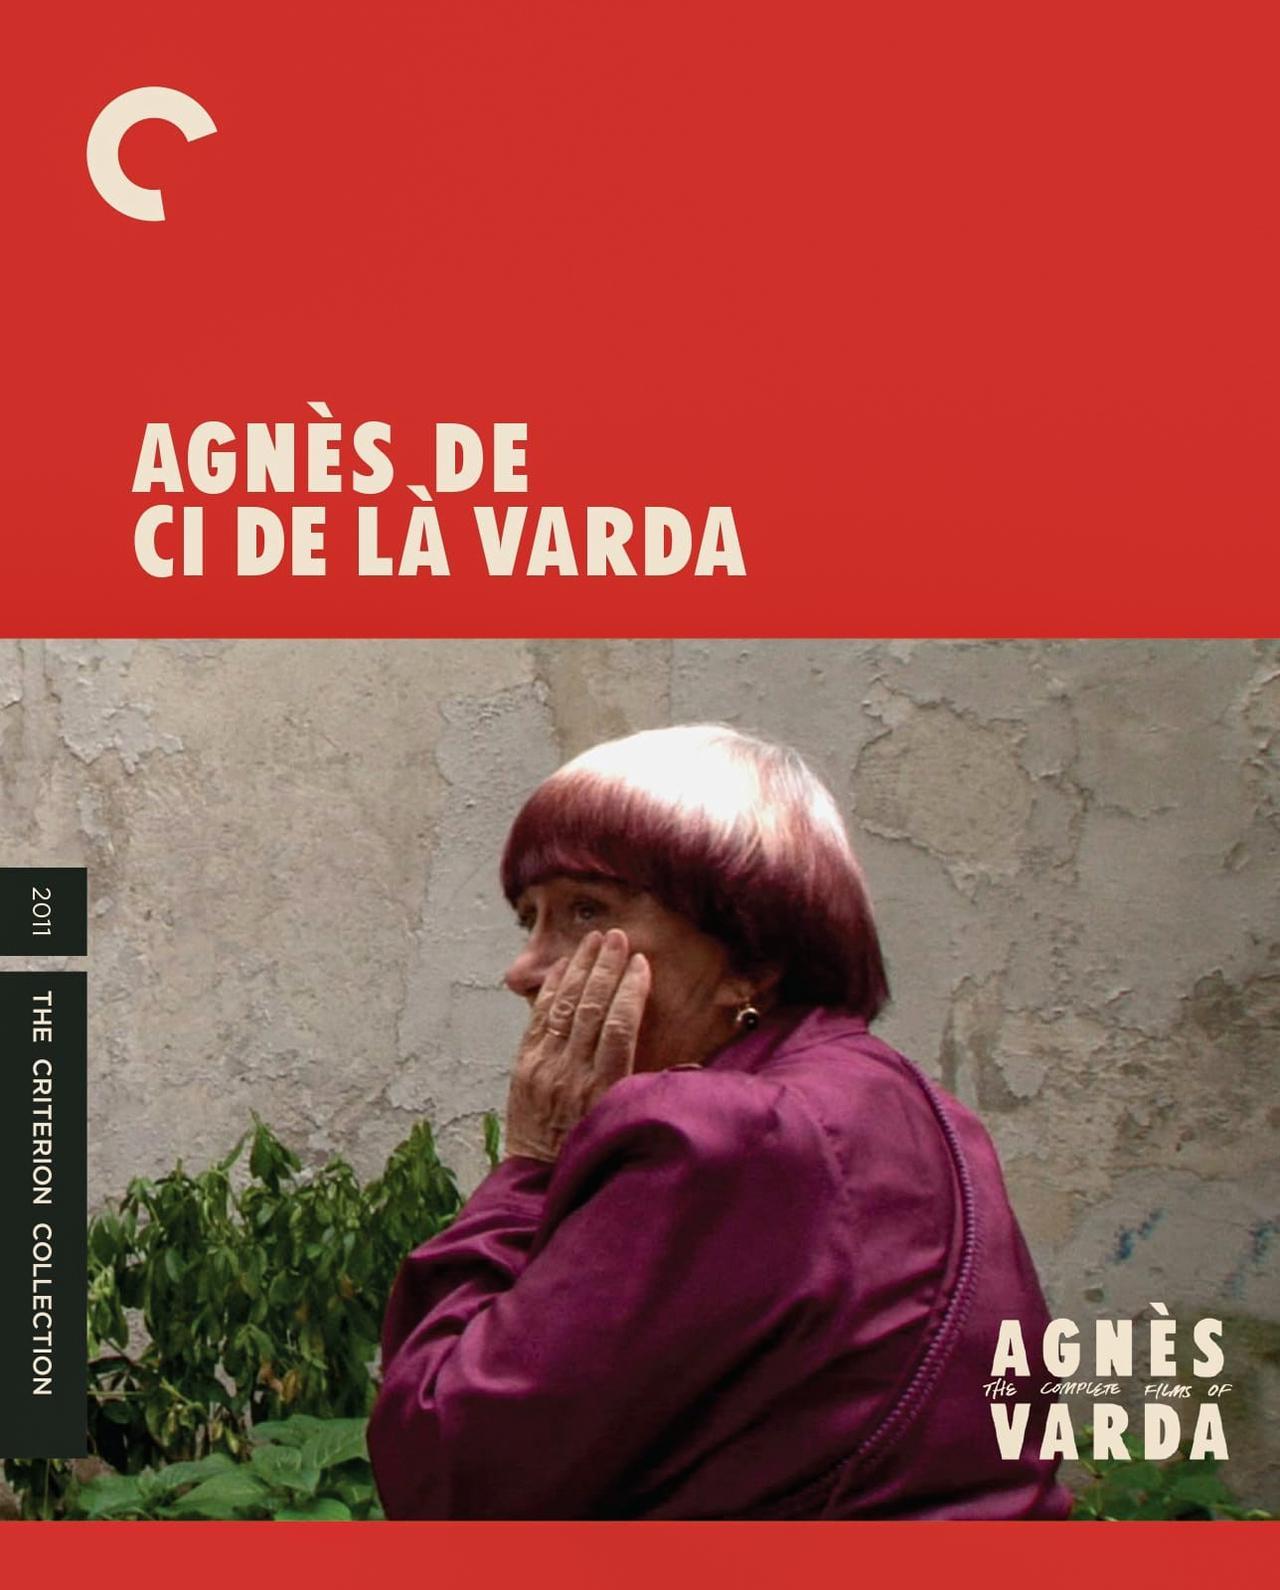 画像: AGNES DE CI DE LA VARDA aka. Varda: From Here to There (2011) アニエス・ヴァルダのあちこち